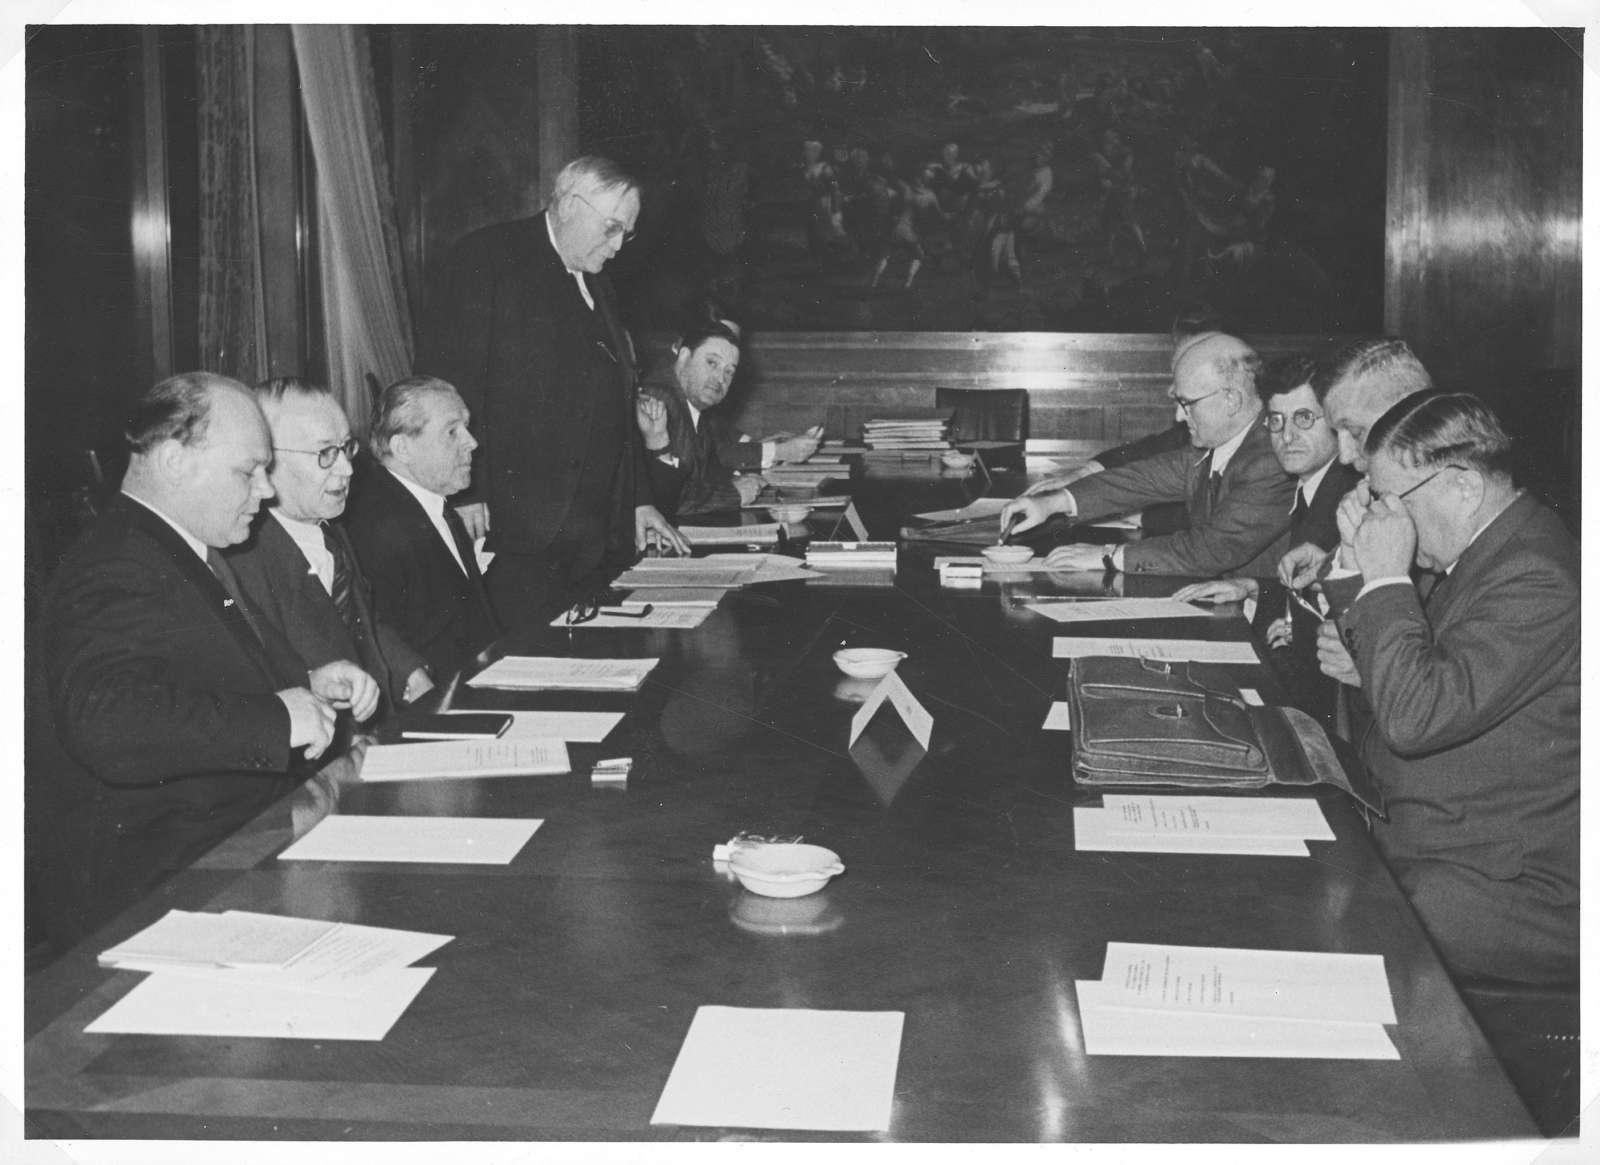 Album mit Fotos vor allem von Ereignissen aus dem politischen und öffentlichen Leben 1950-1953, Bild 1